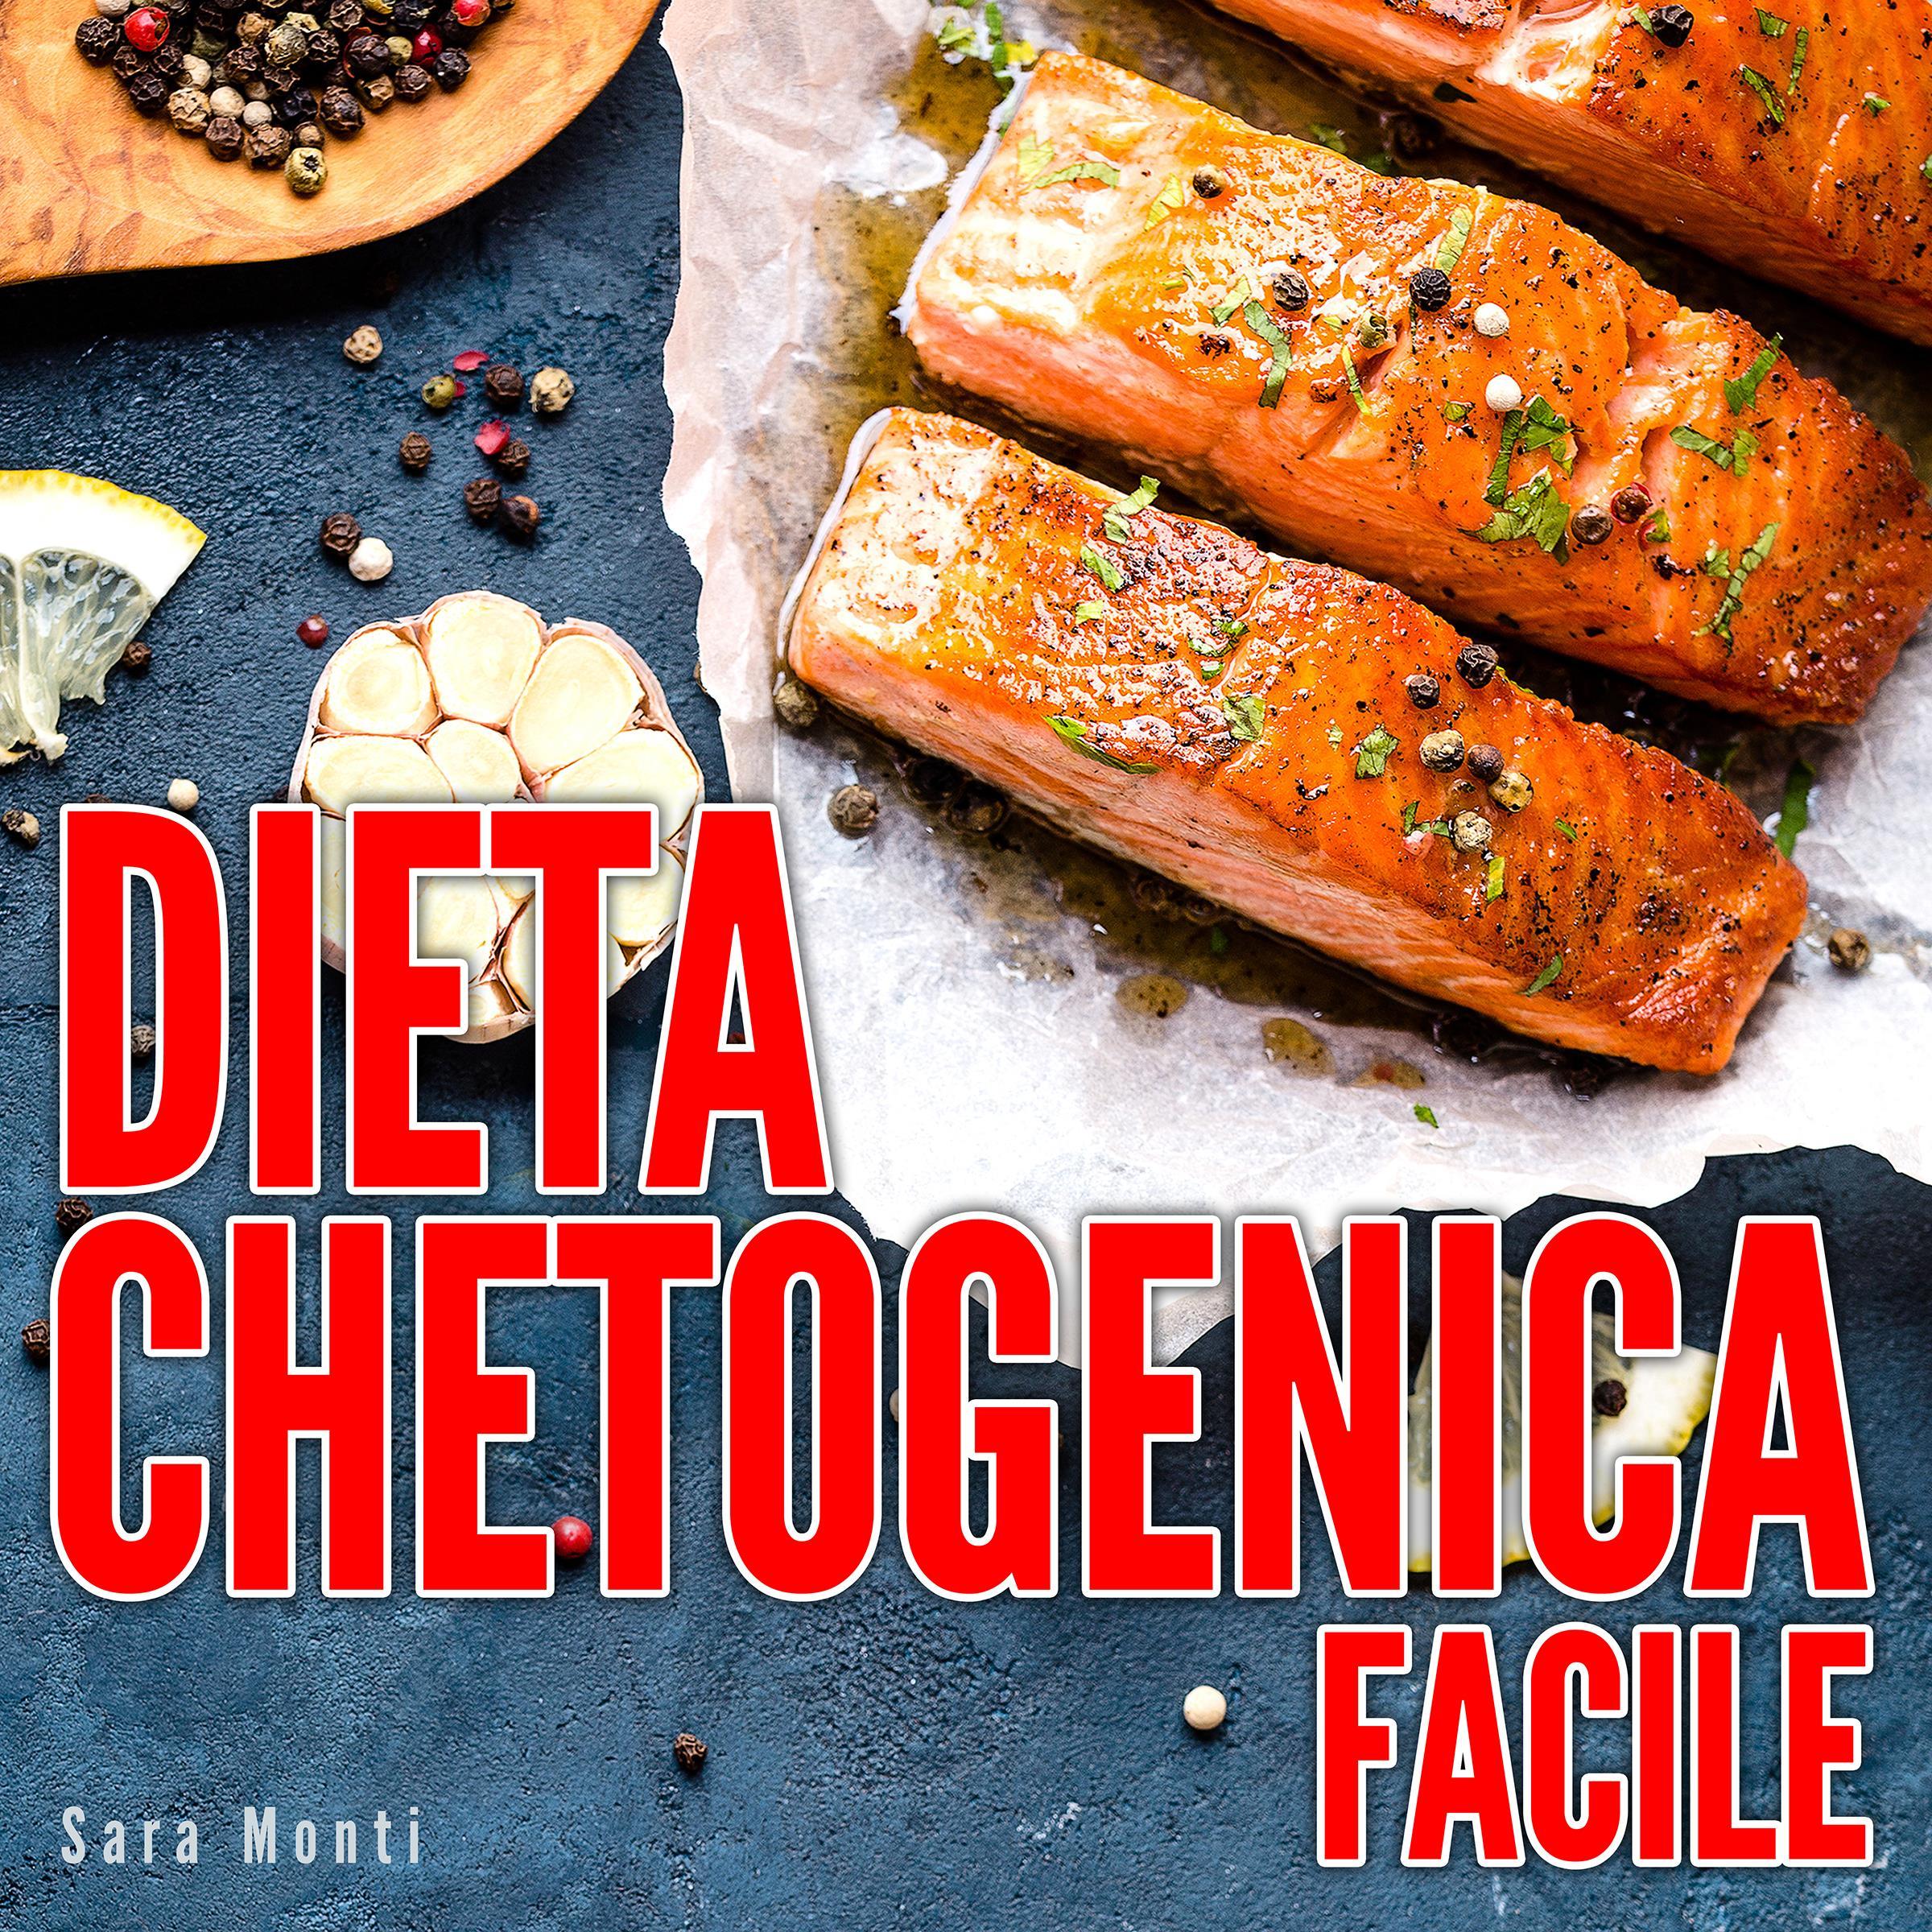 Dieta chetogenica facile